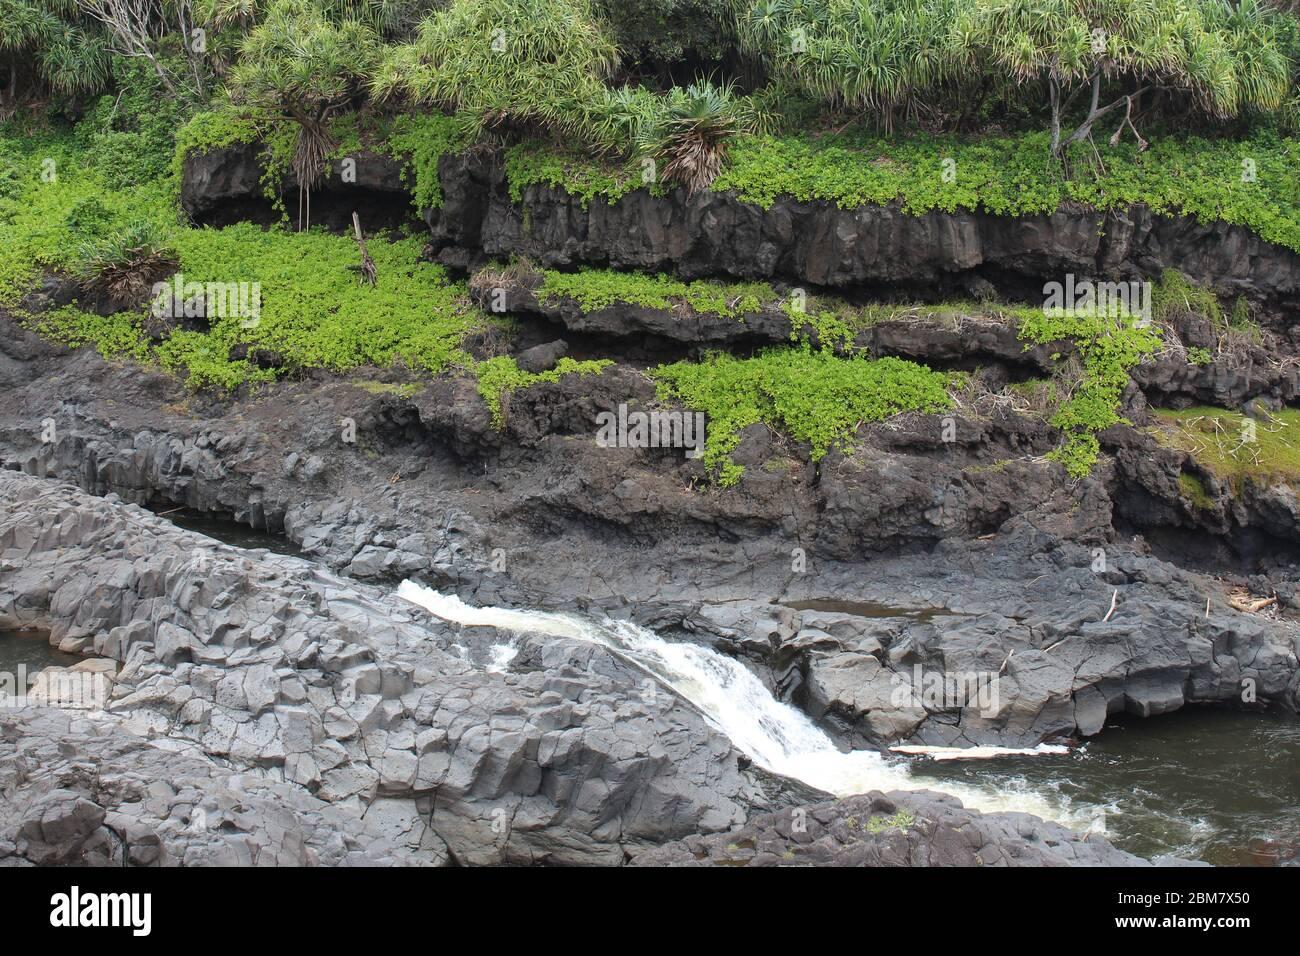 Arroyo Palikea que corre a través de rocas volcánicas con taccada Scaevola y árboles tropicales creciendo en la roca en el Oheo Gulch en Hana, Maui, Hawaii, Estados Unidos Foto de stock